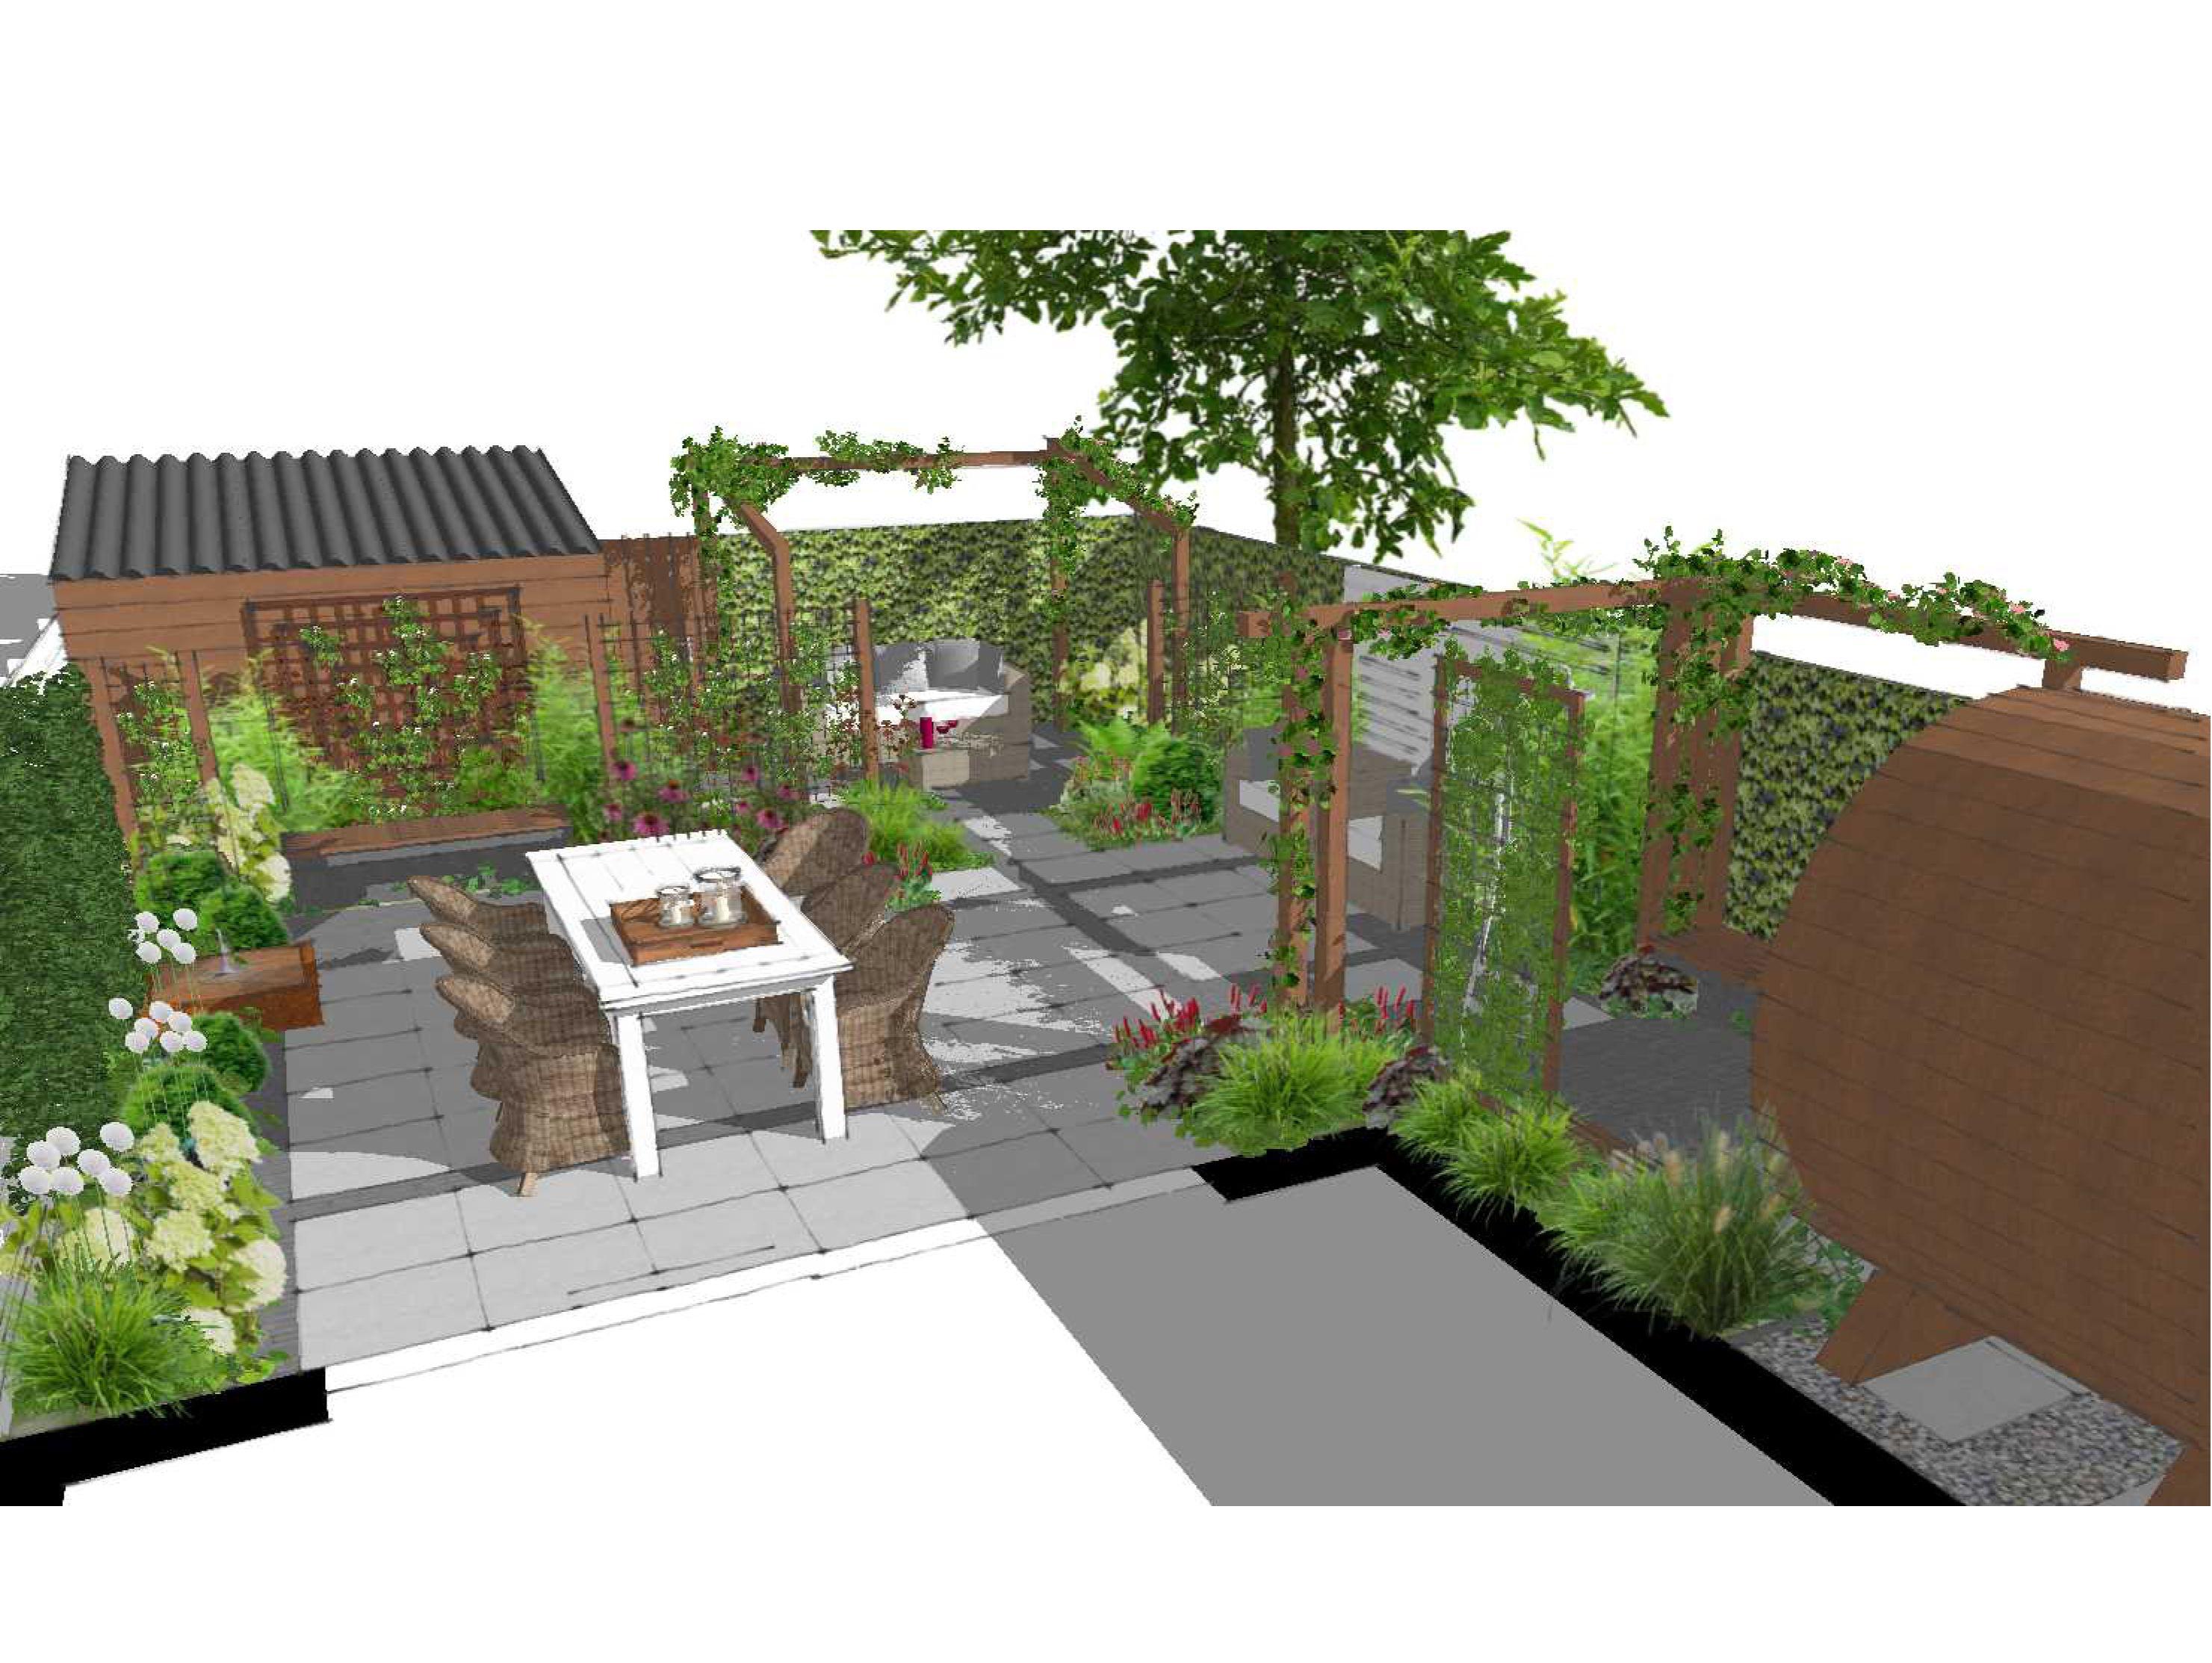 Tuinontwerp sketchup romantische tuin met barrel sauna bij for Tuin 3d ontwerpen